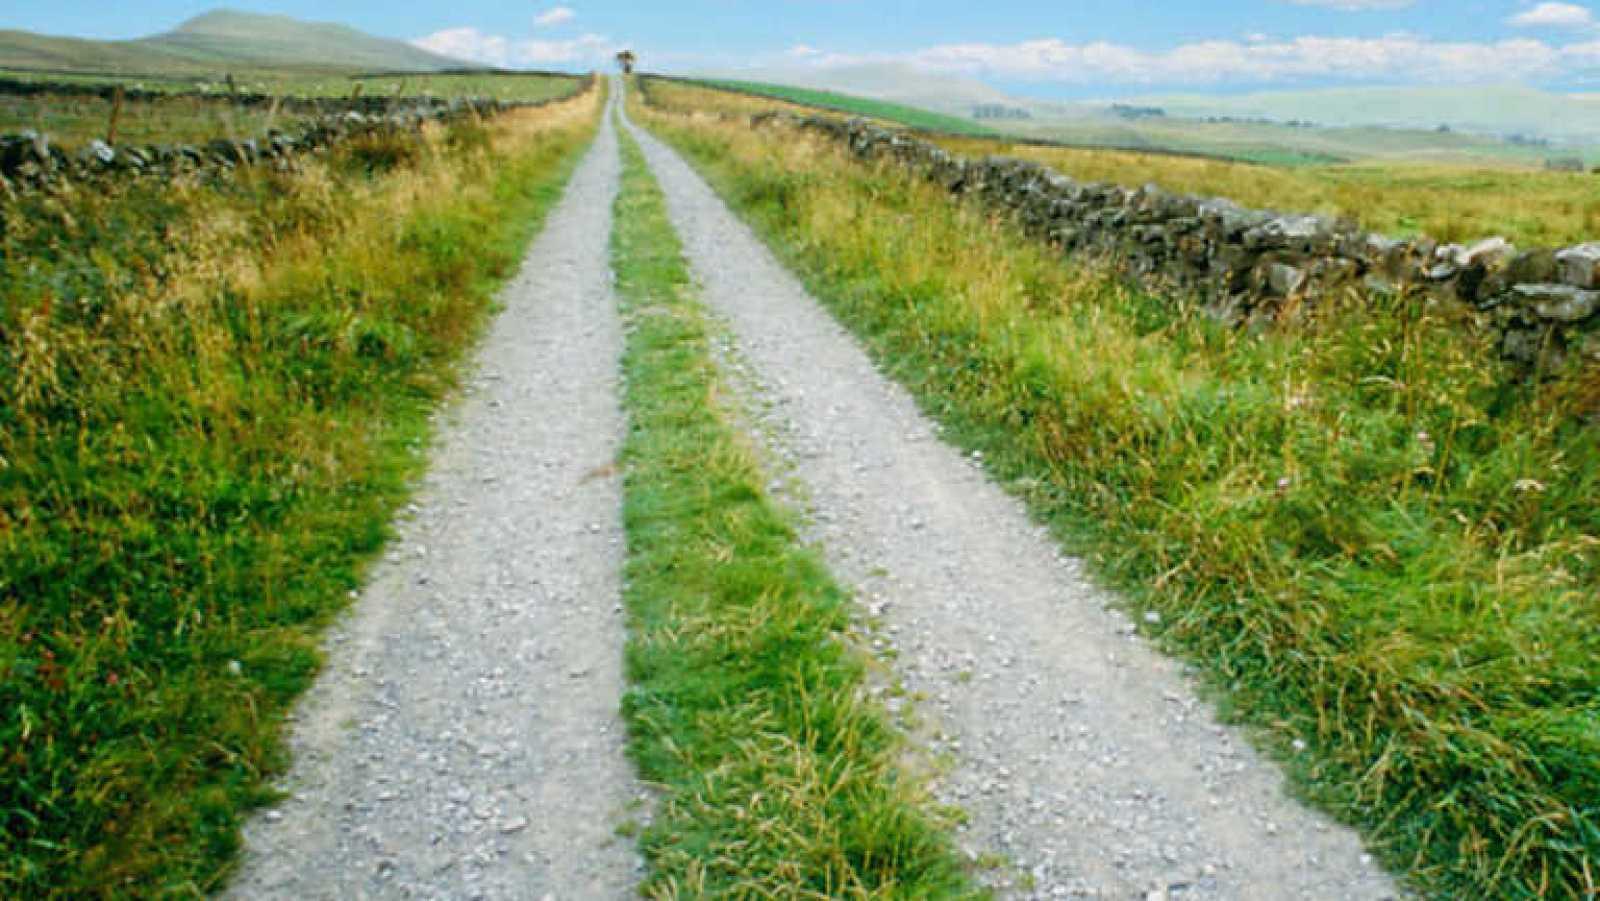 El Escarabajo Verde - Camino público: prohibido el paso - Ver ahora